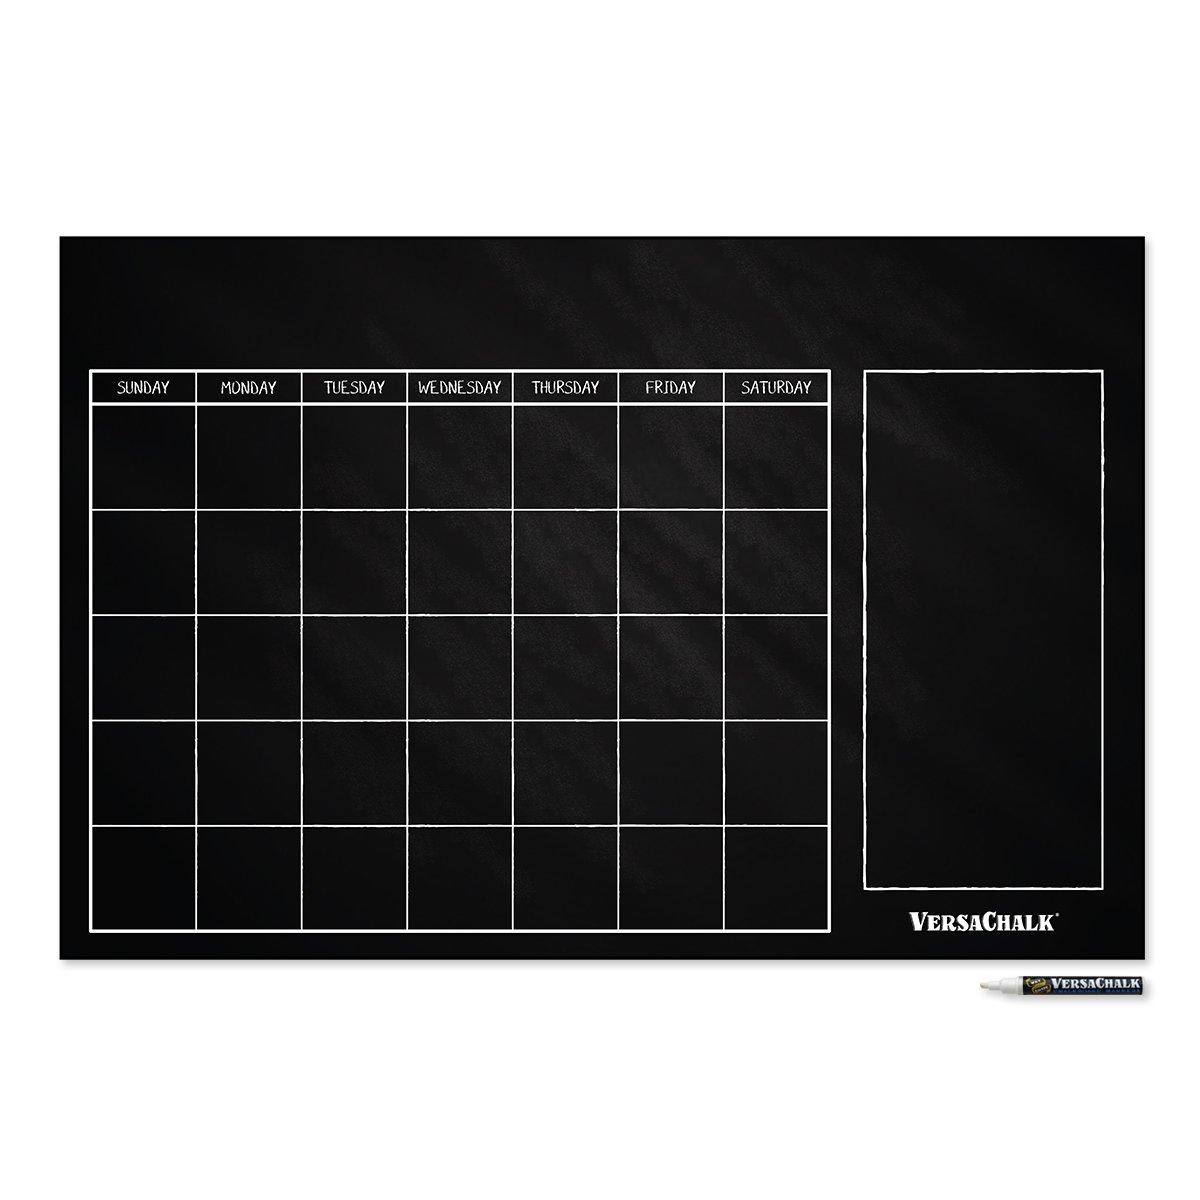 Grande Calendario Lavagna Cancellabile Adesivo, Decalcomania, Wall Décor – cm 61x91 (Stile Classico) di VersaChalk